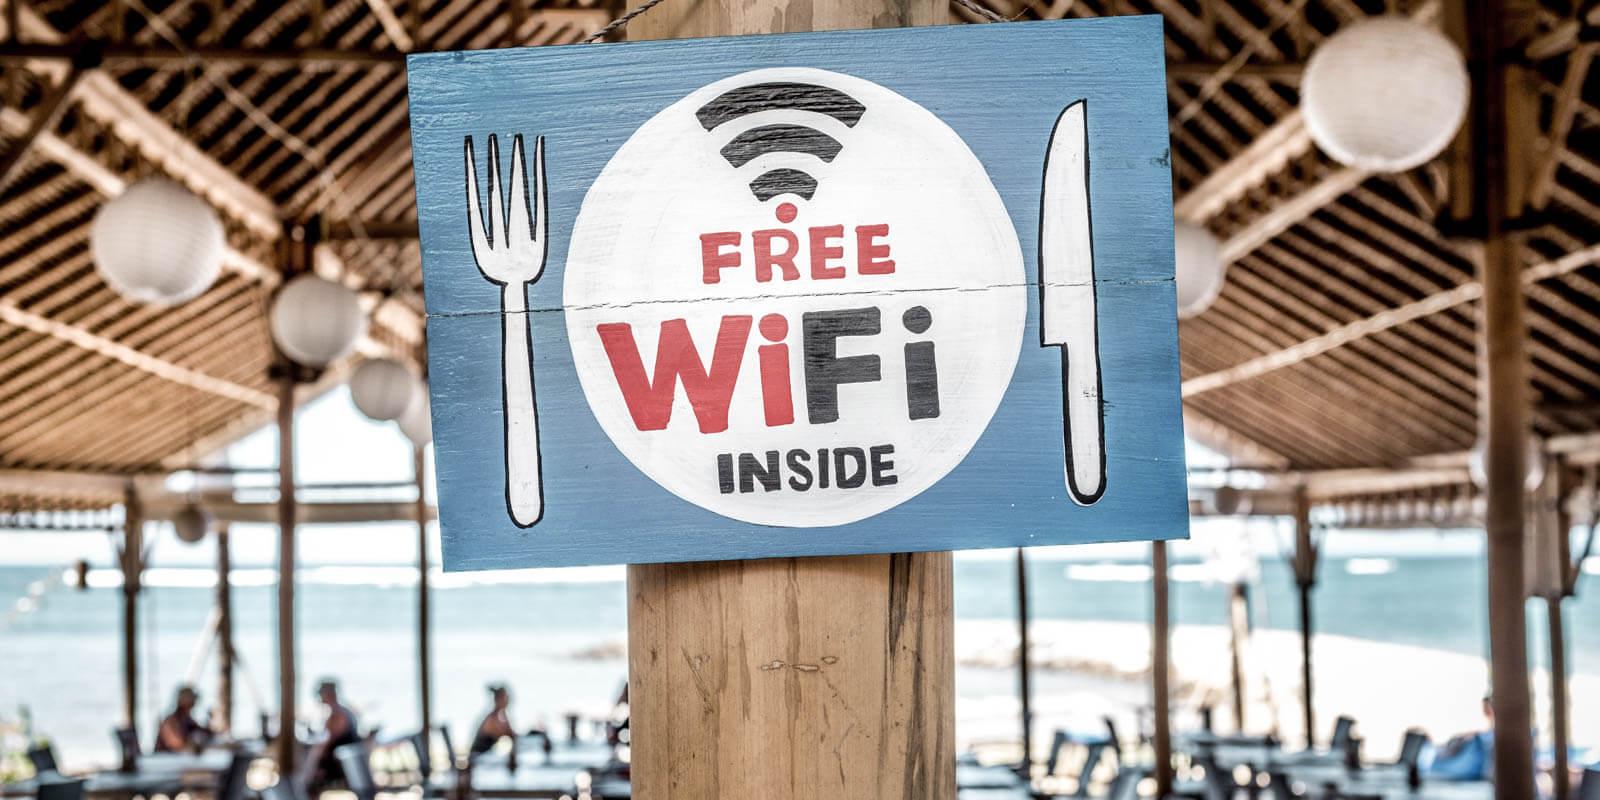 Free wifi Schild in einem Restaurant